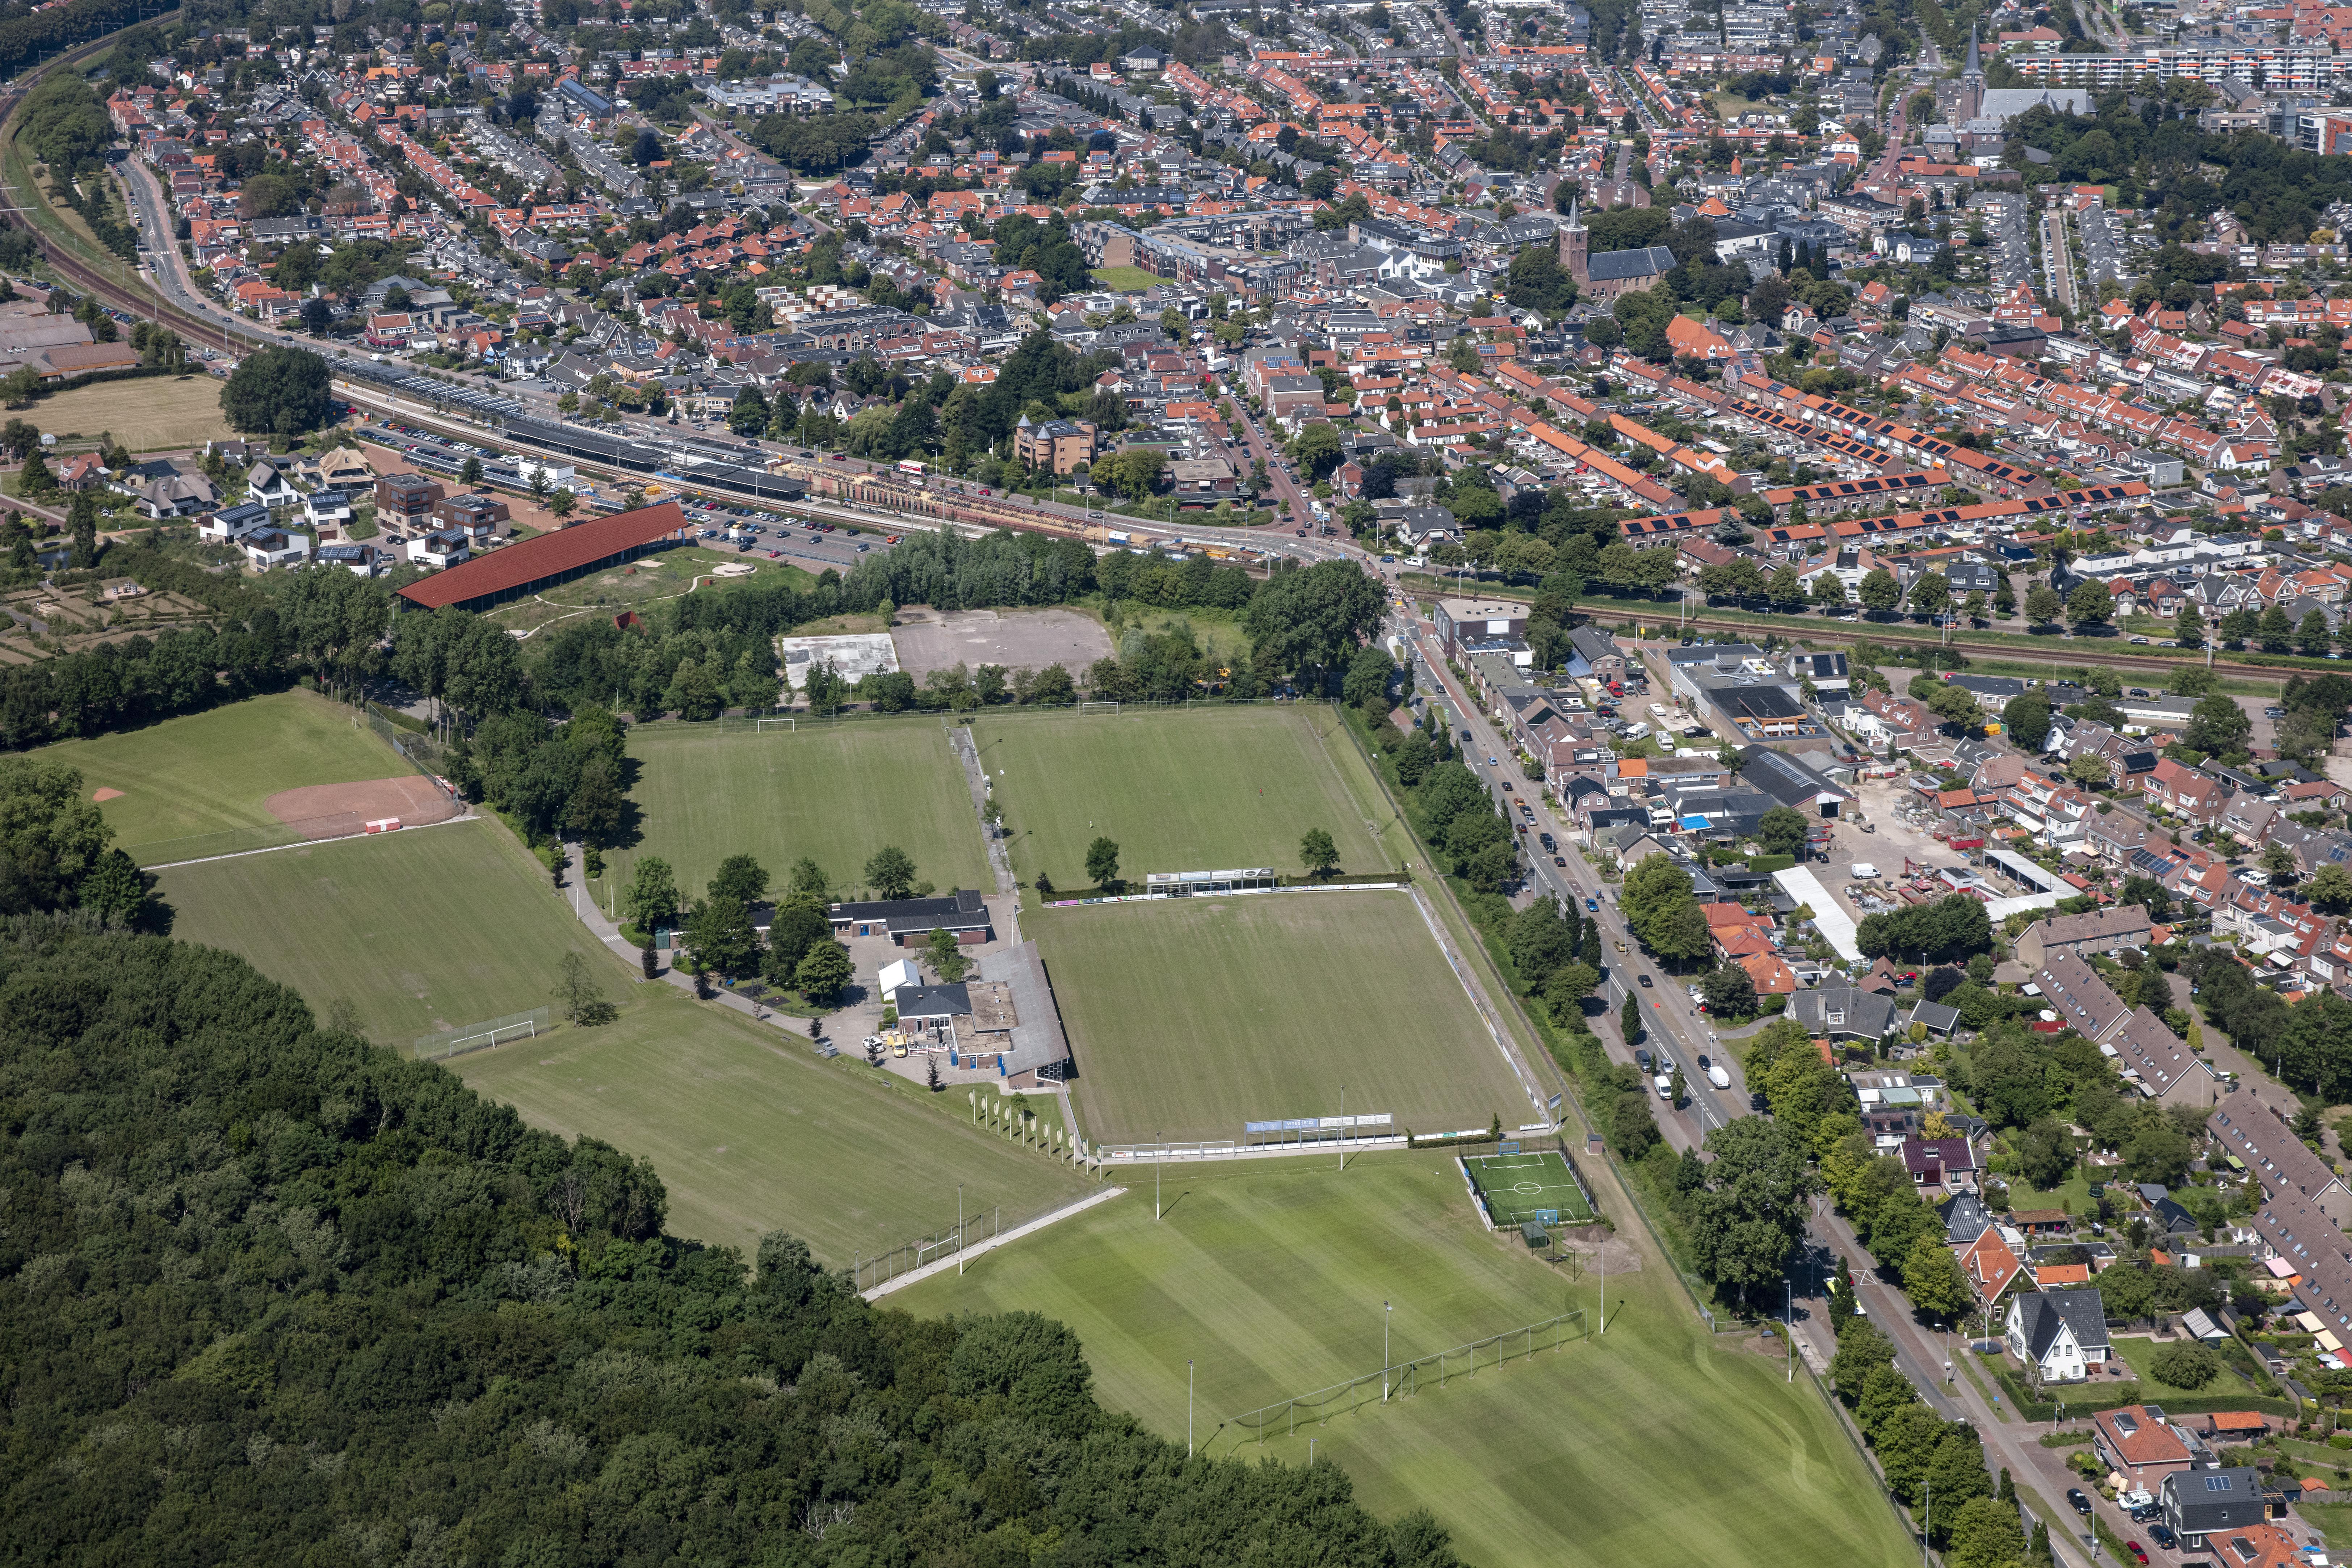 Vitesse'22 wil geen flexwoningen. De Castricumse voetbalclub is de proefballonnetjes zat: 'We moeten de kranten goed volgen om bij te houden wat inventieve wethouders en raadsleden van plan zijn met ons terrein'